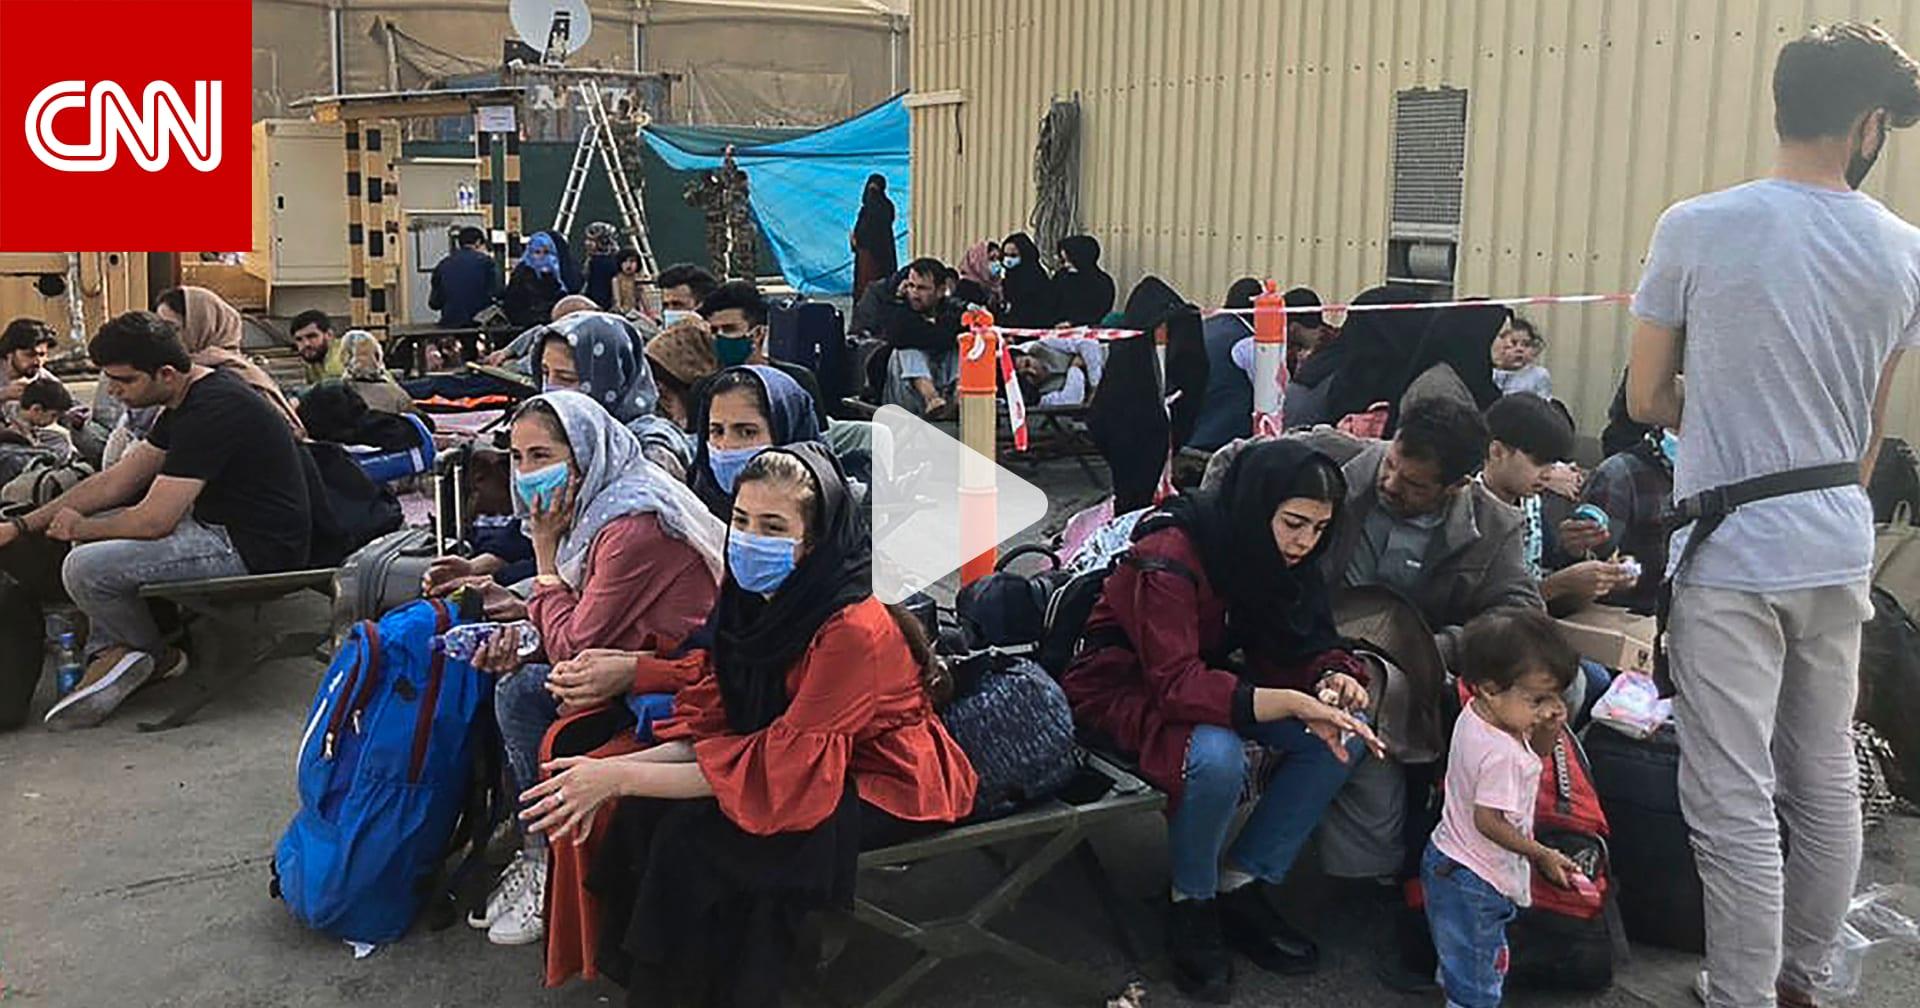 بعد ضغوط أمريكية.. صندوق النقد الدولي يحجب أموال الطوارئ عن أفغانستان